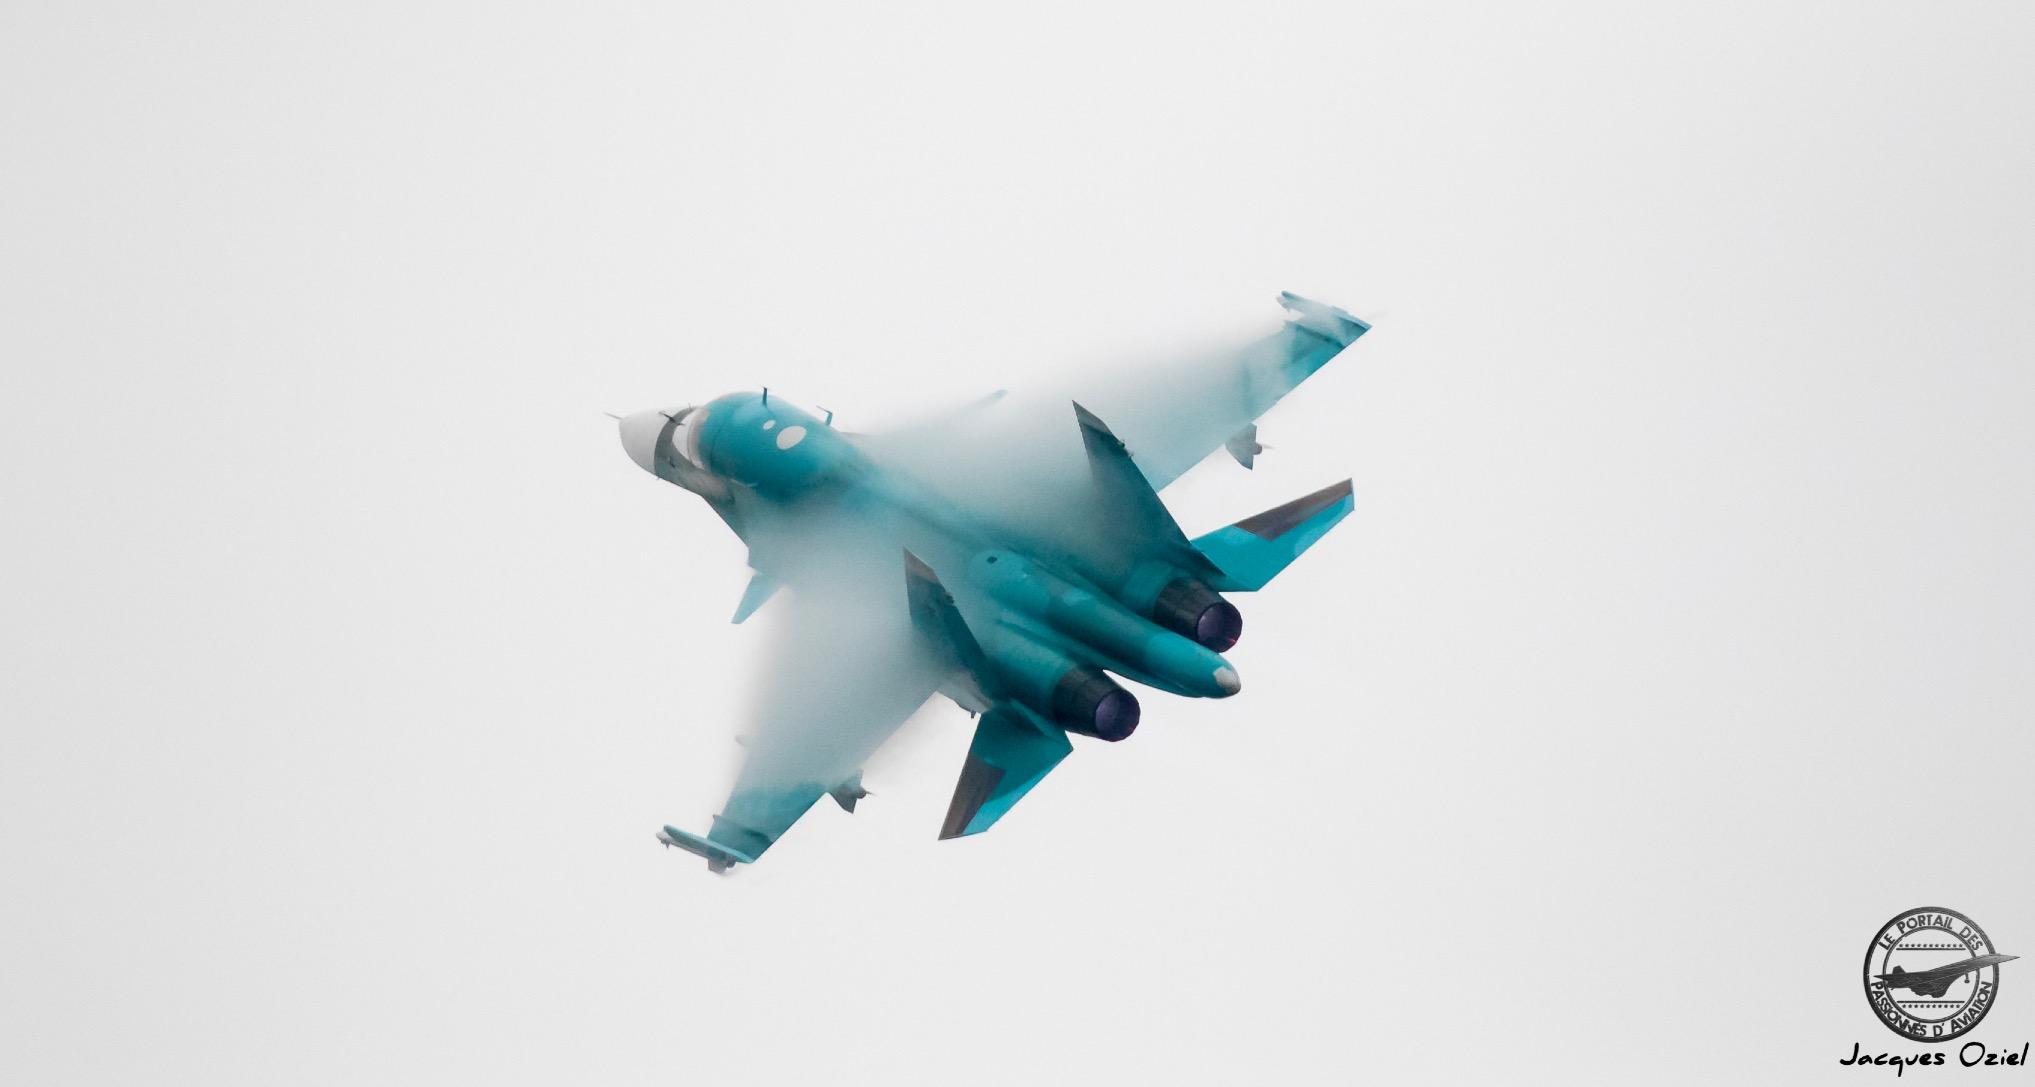 Sukhoi Su-34 Fullback, 17 Rouge